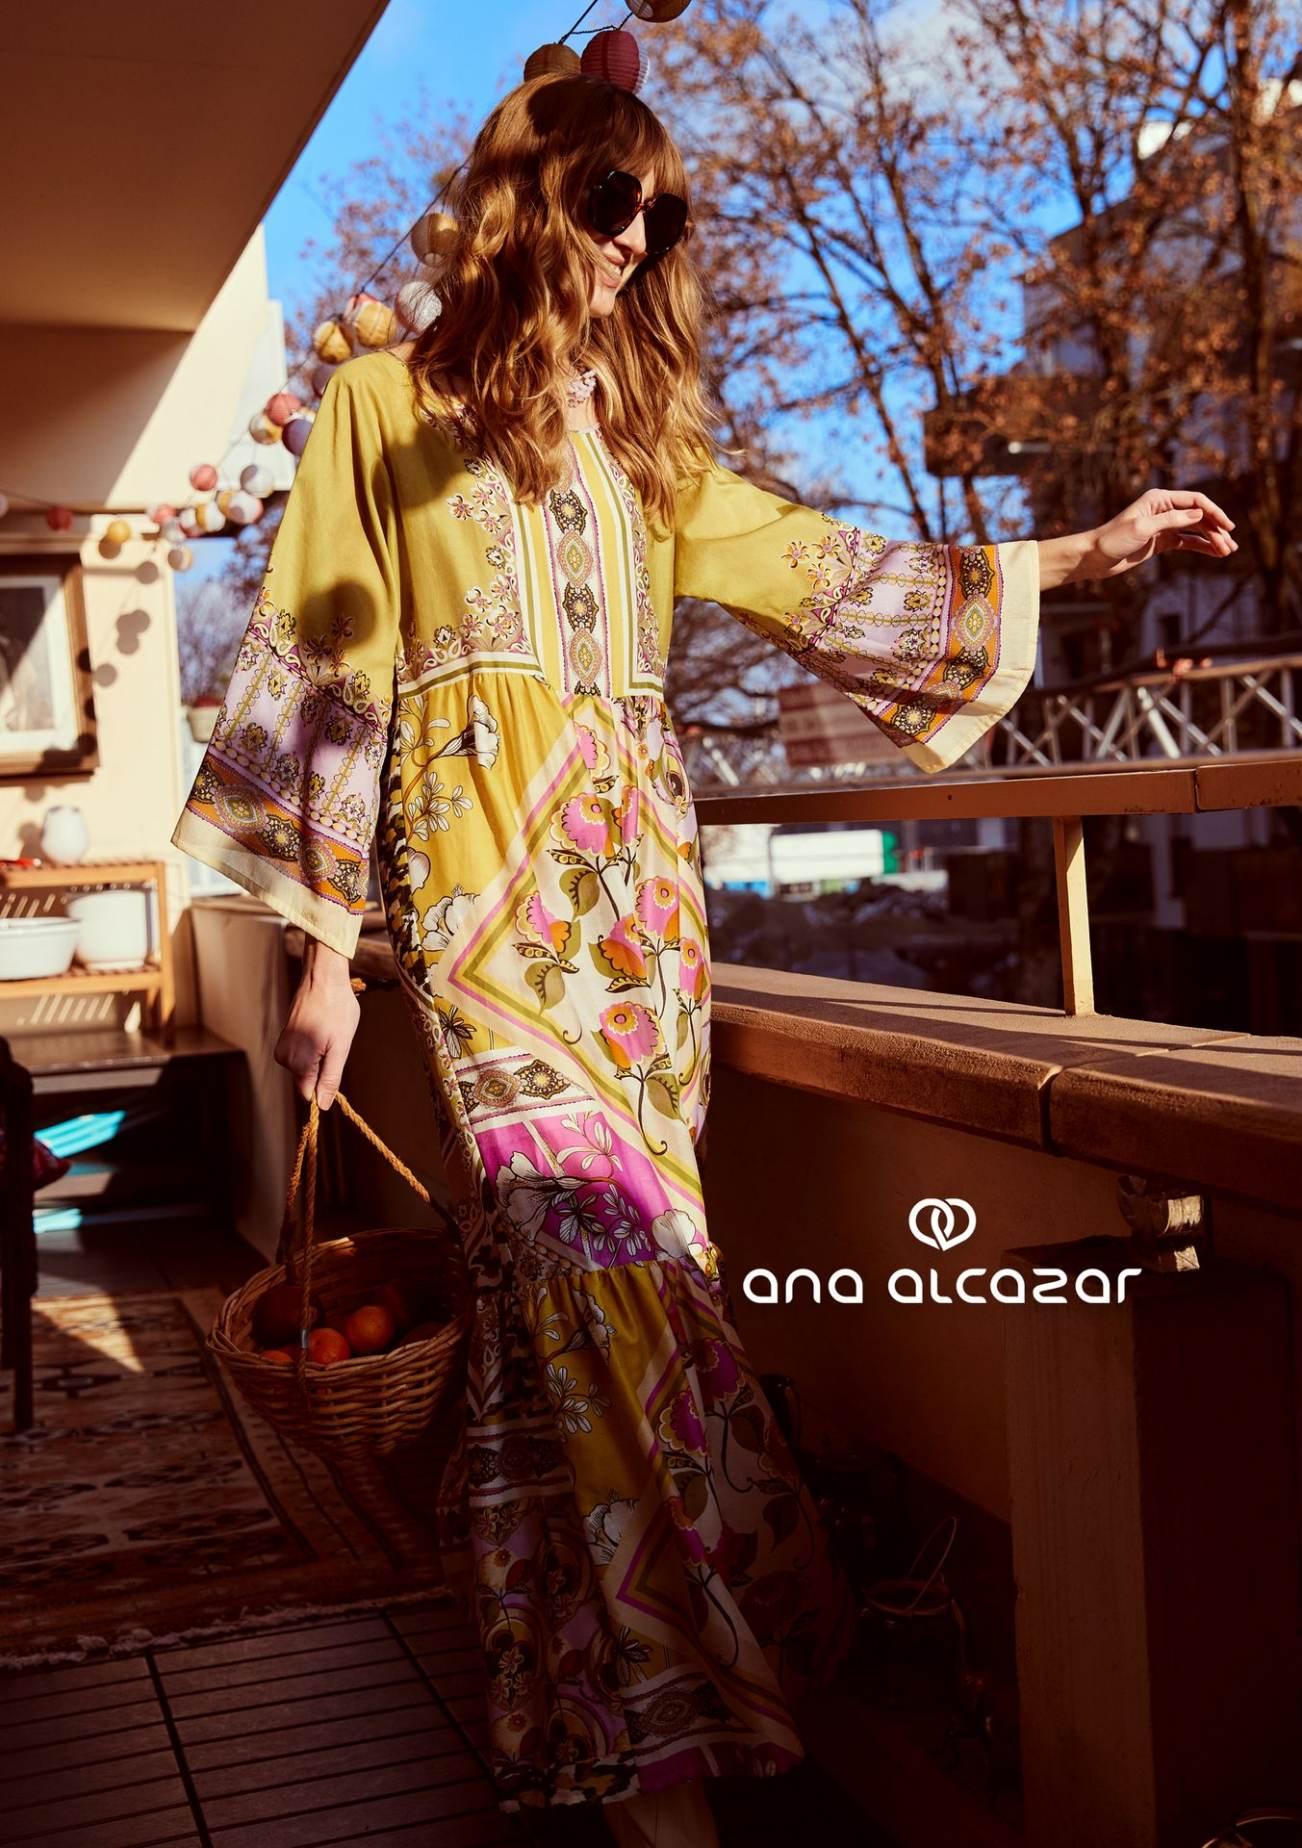 veronika bacher 2021 Ana Alcazar 001 SS2021 5 scaled